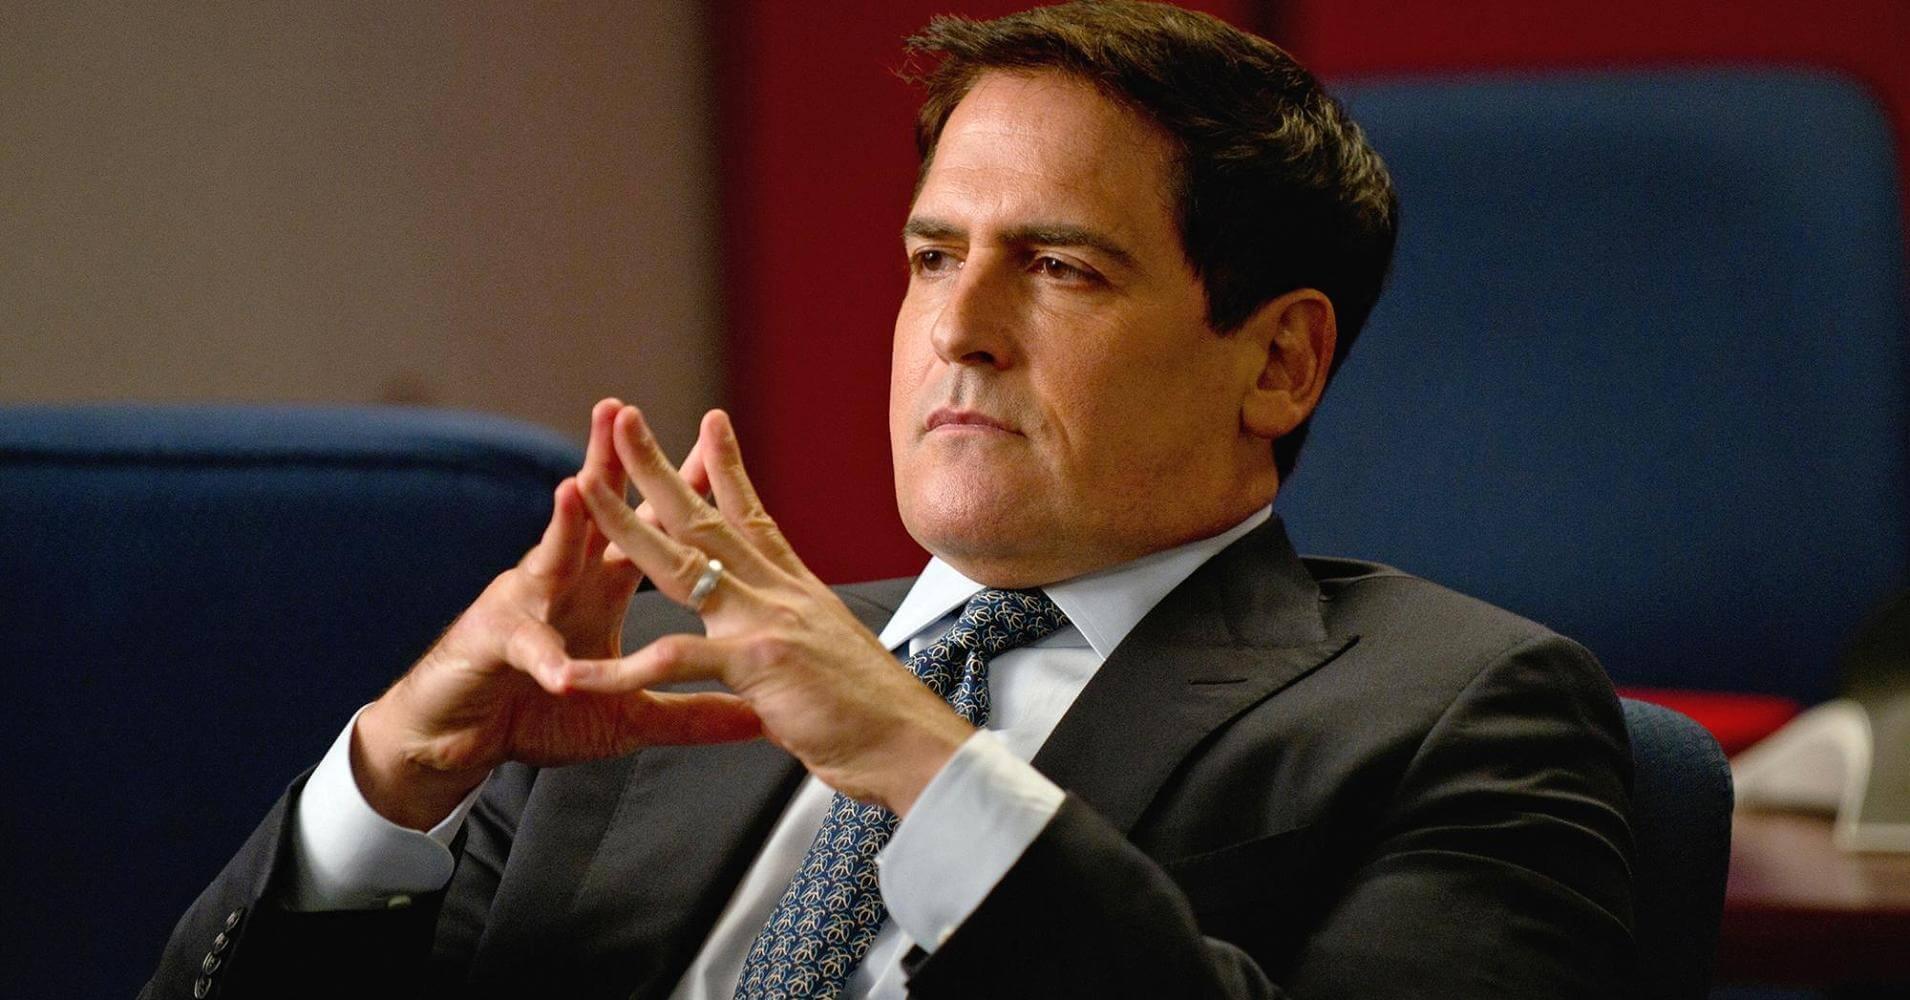 Why Billionaire Mark Cuban Says Saving Money Is A Bad Idea